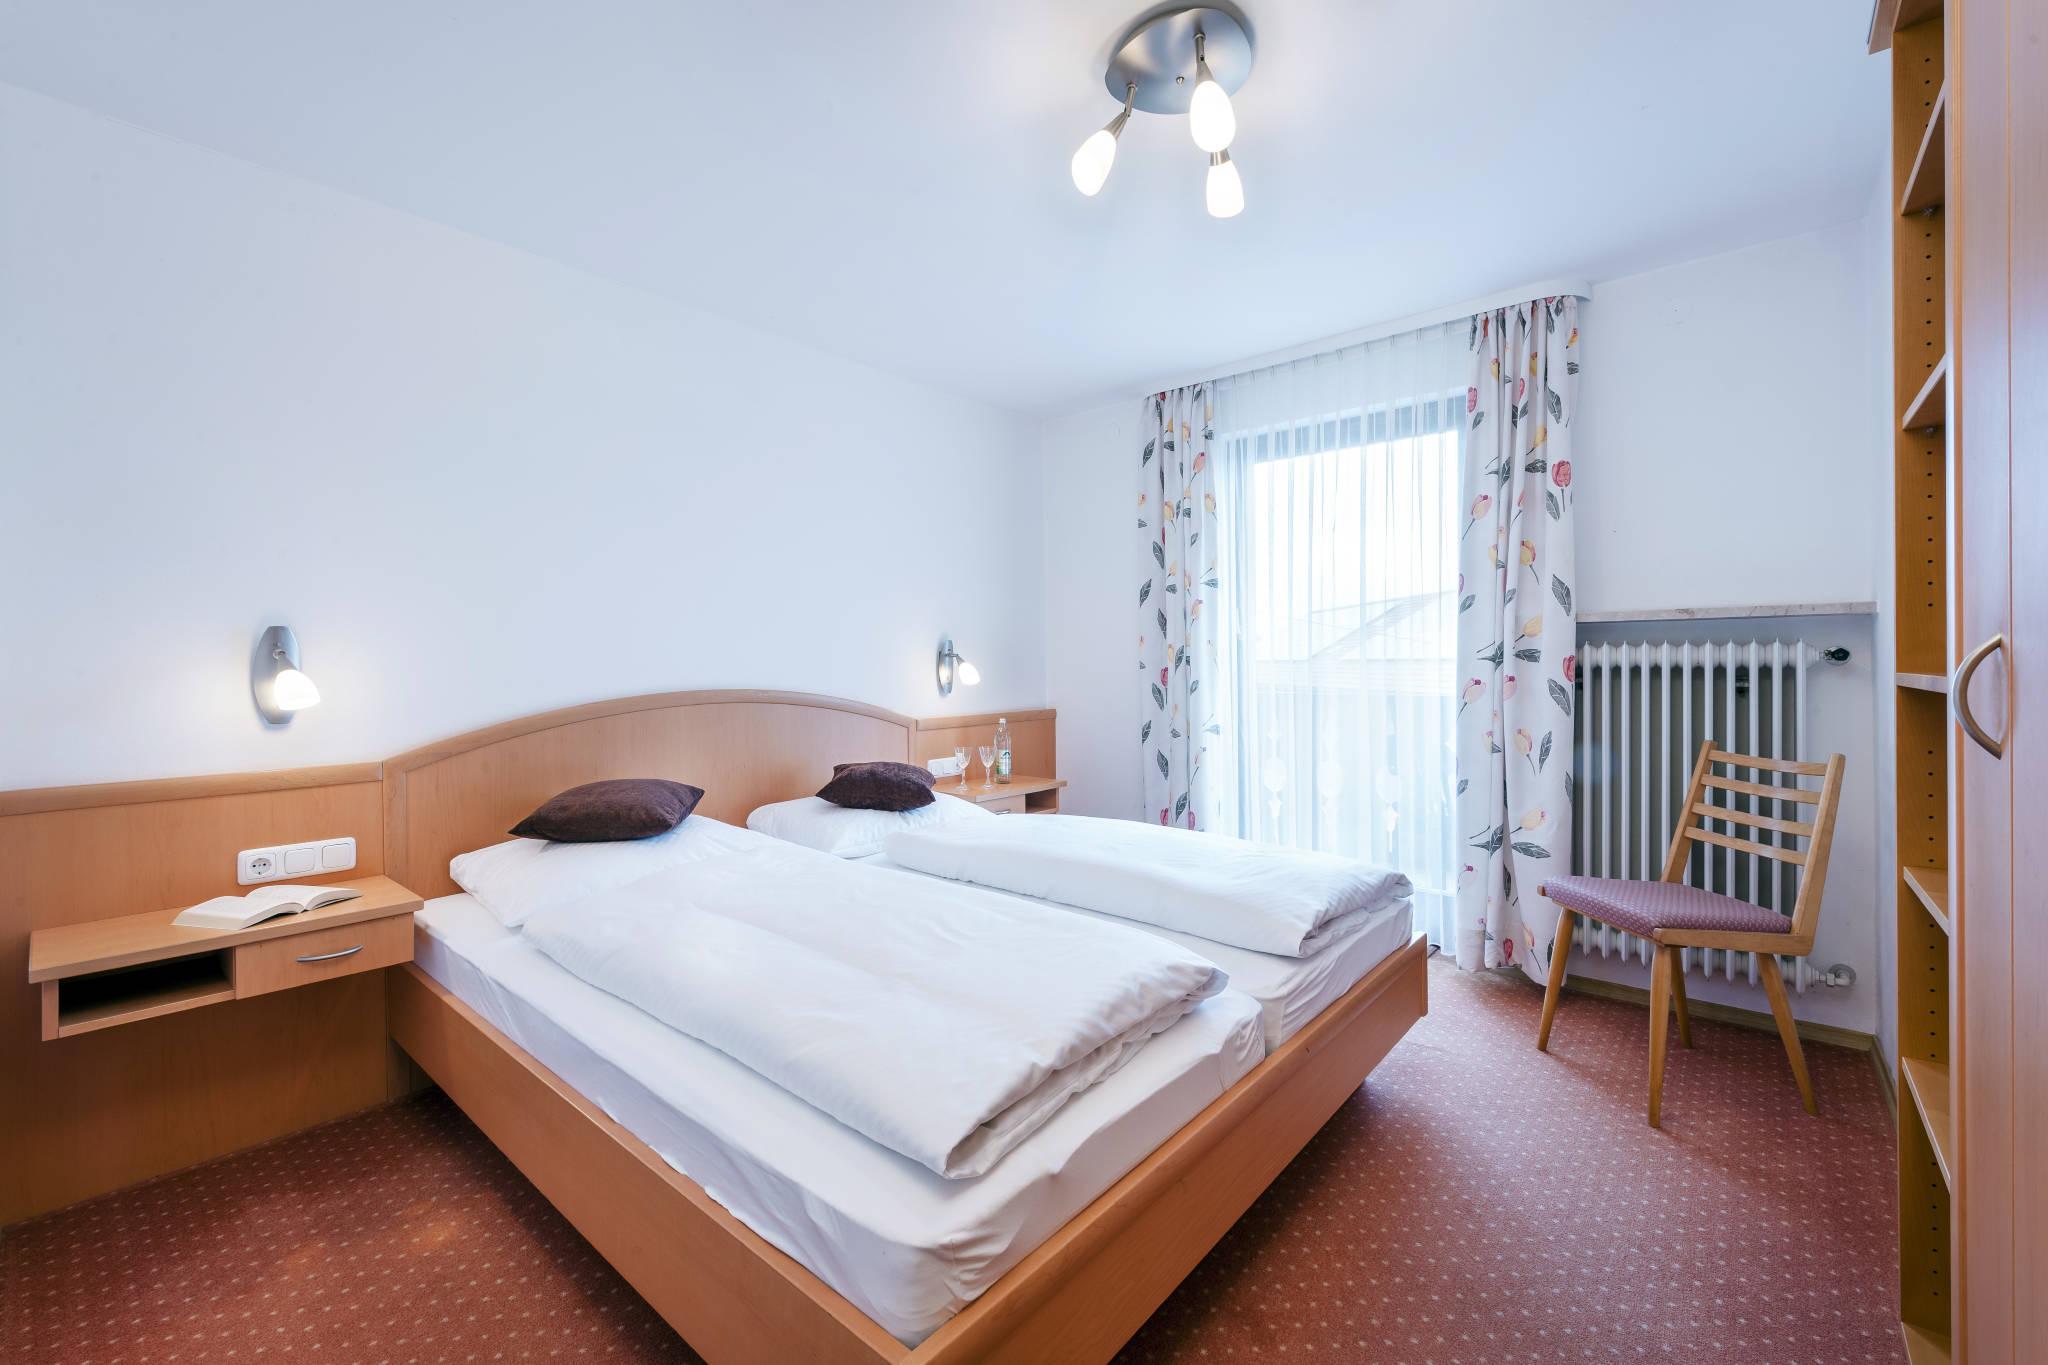 Schlafzimmer Beispiel (Wohnung 7)